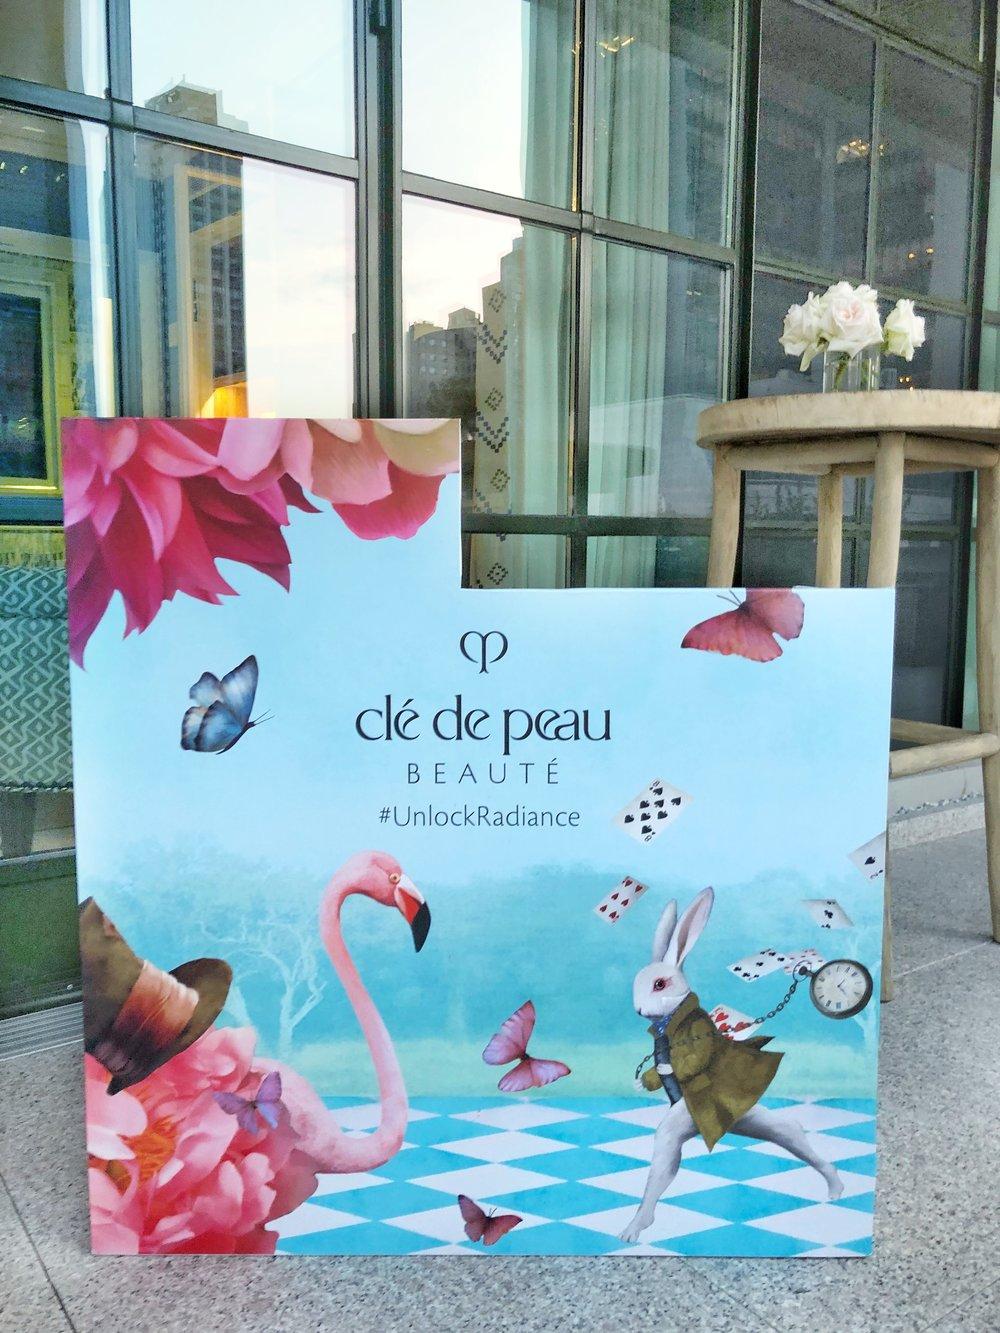 Clé de Peau Beauté Alice in Wonderland inspired Counter